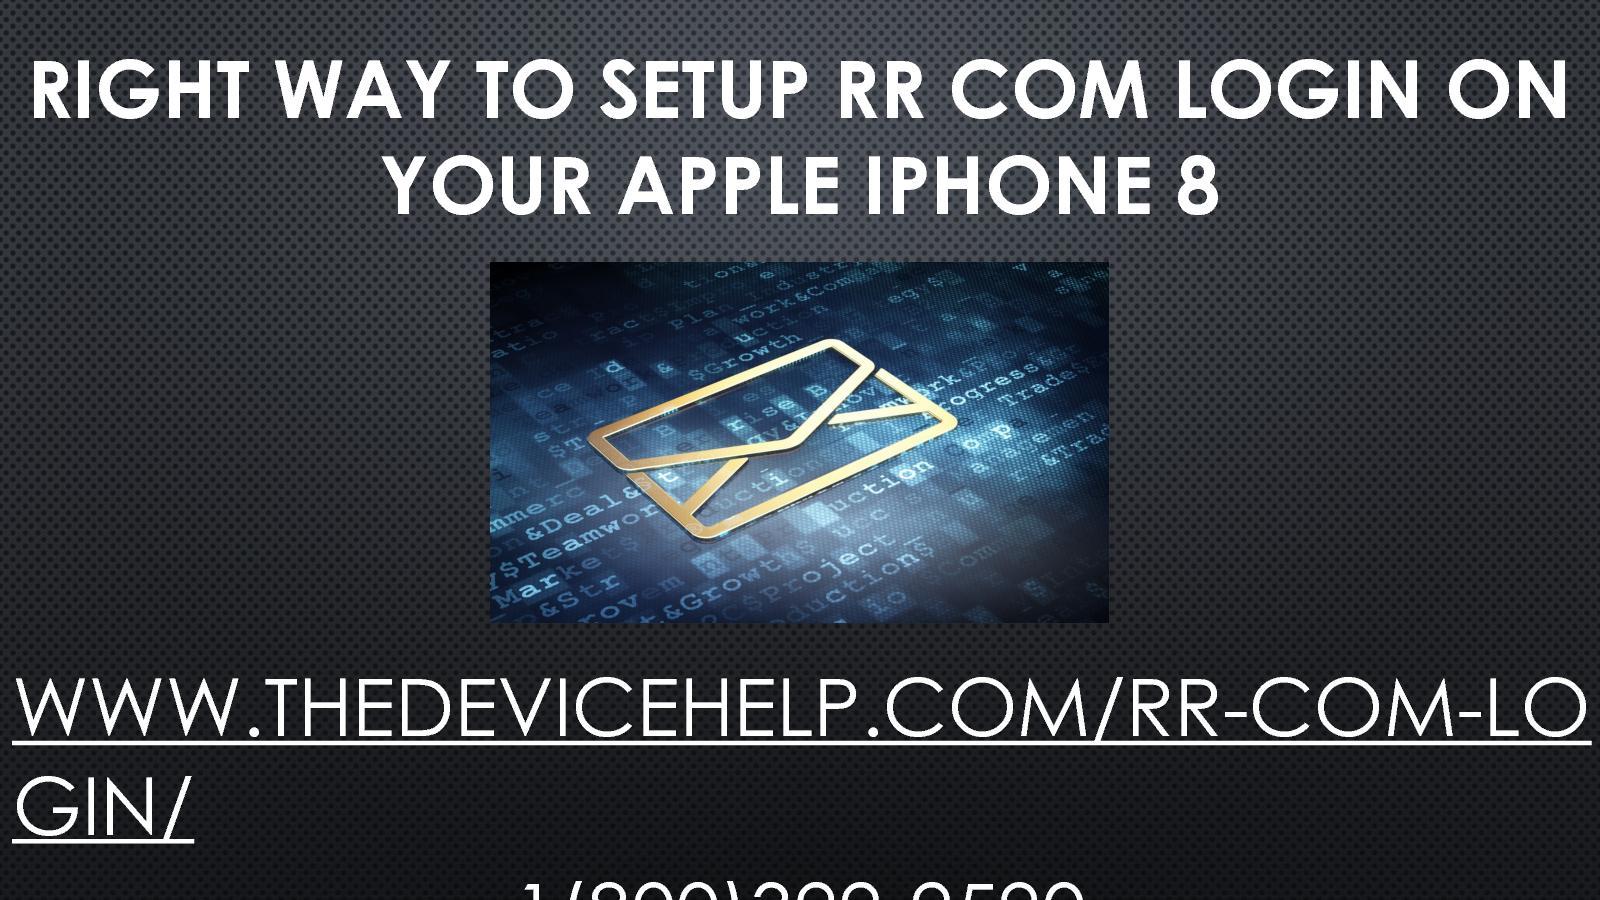 rr com login - Ataum berglauf-verband com